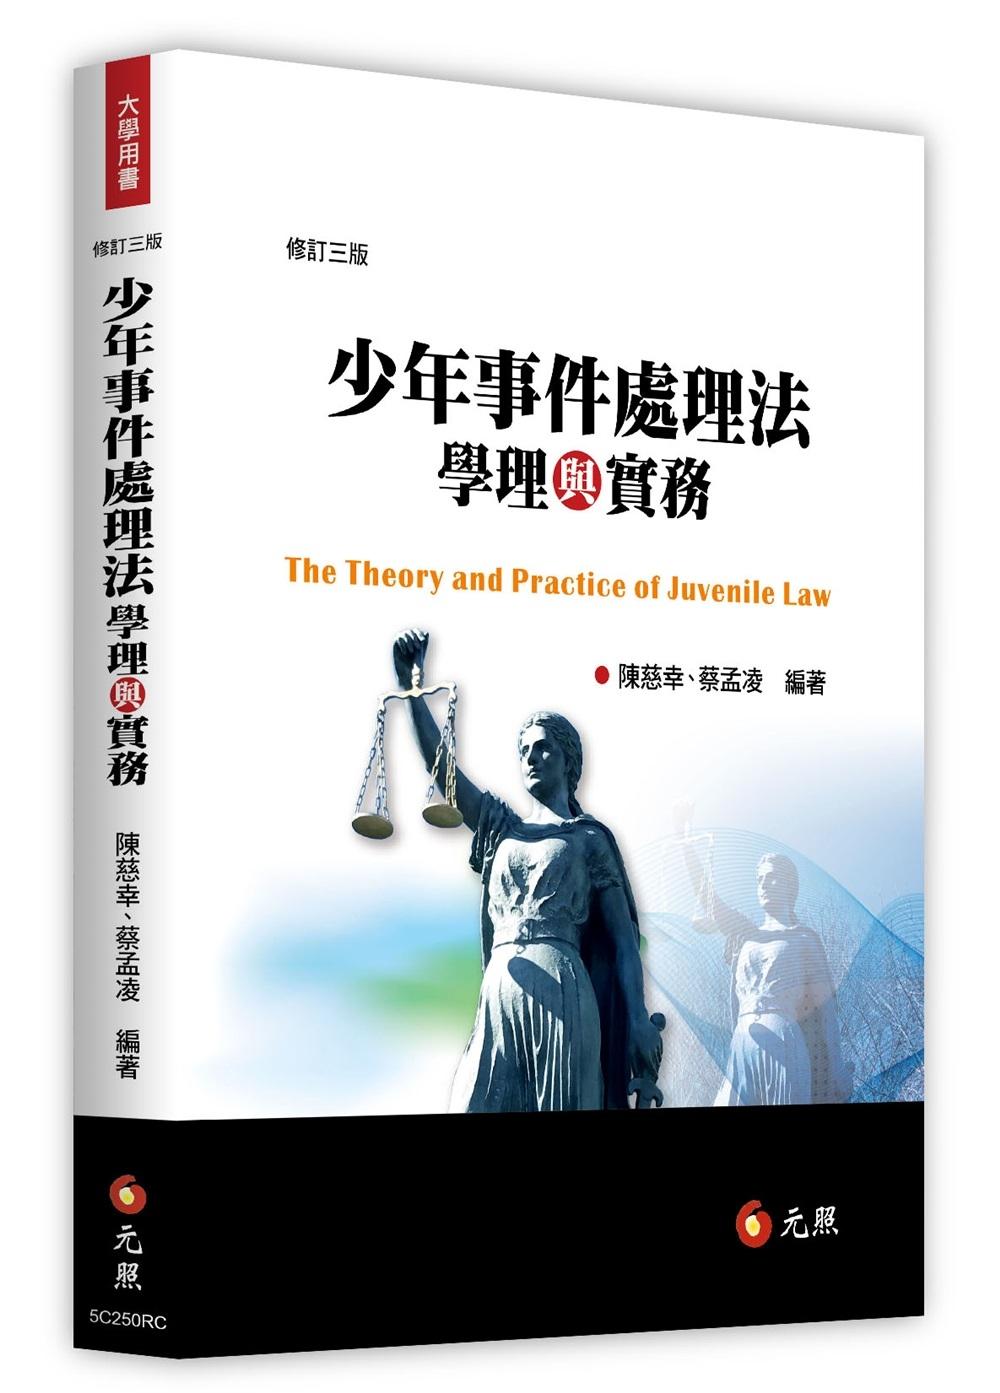 少年事件處理法學理與實務(三版)